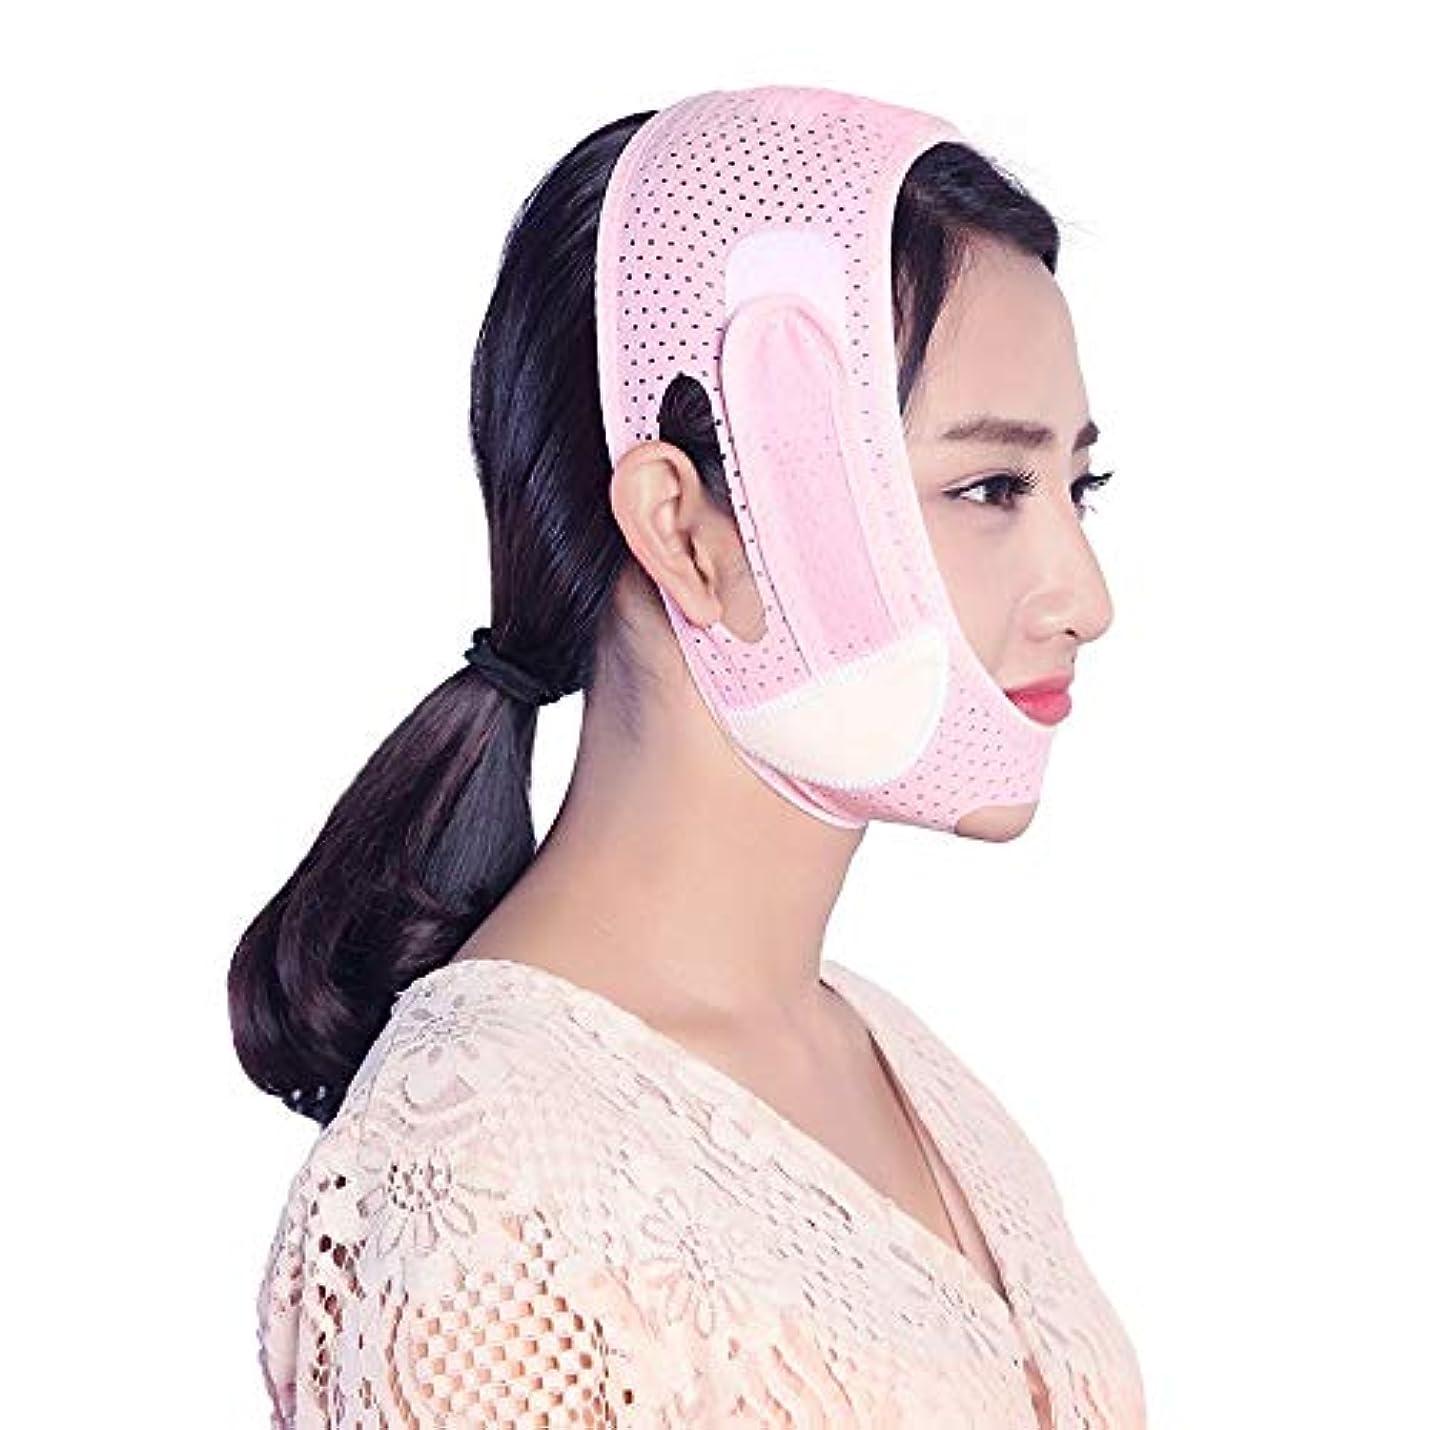 オペレーター定規ワーム睡眠薄い顔パッチ包帯吊り上げプルv顔引き締めどころアーティファクト判決パターン二重あご薄いマッセルマスク - ピンク